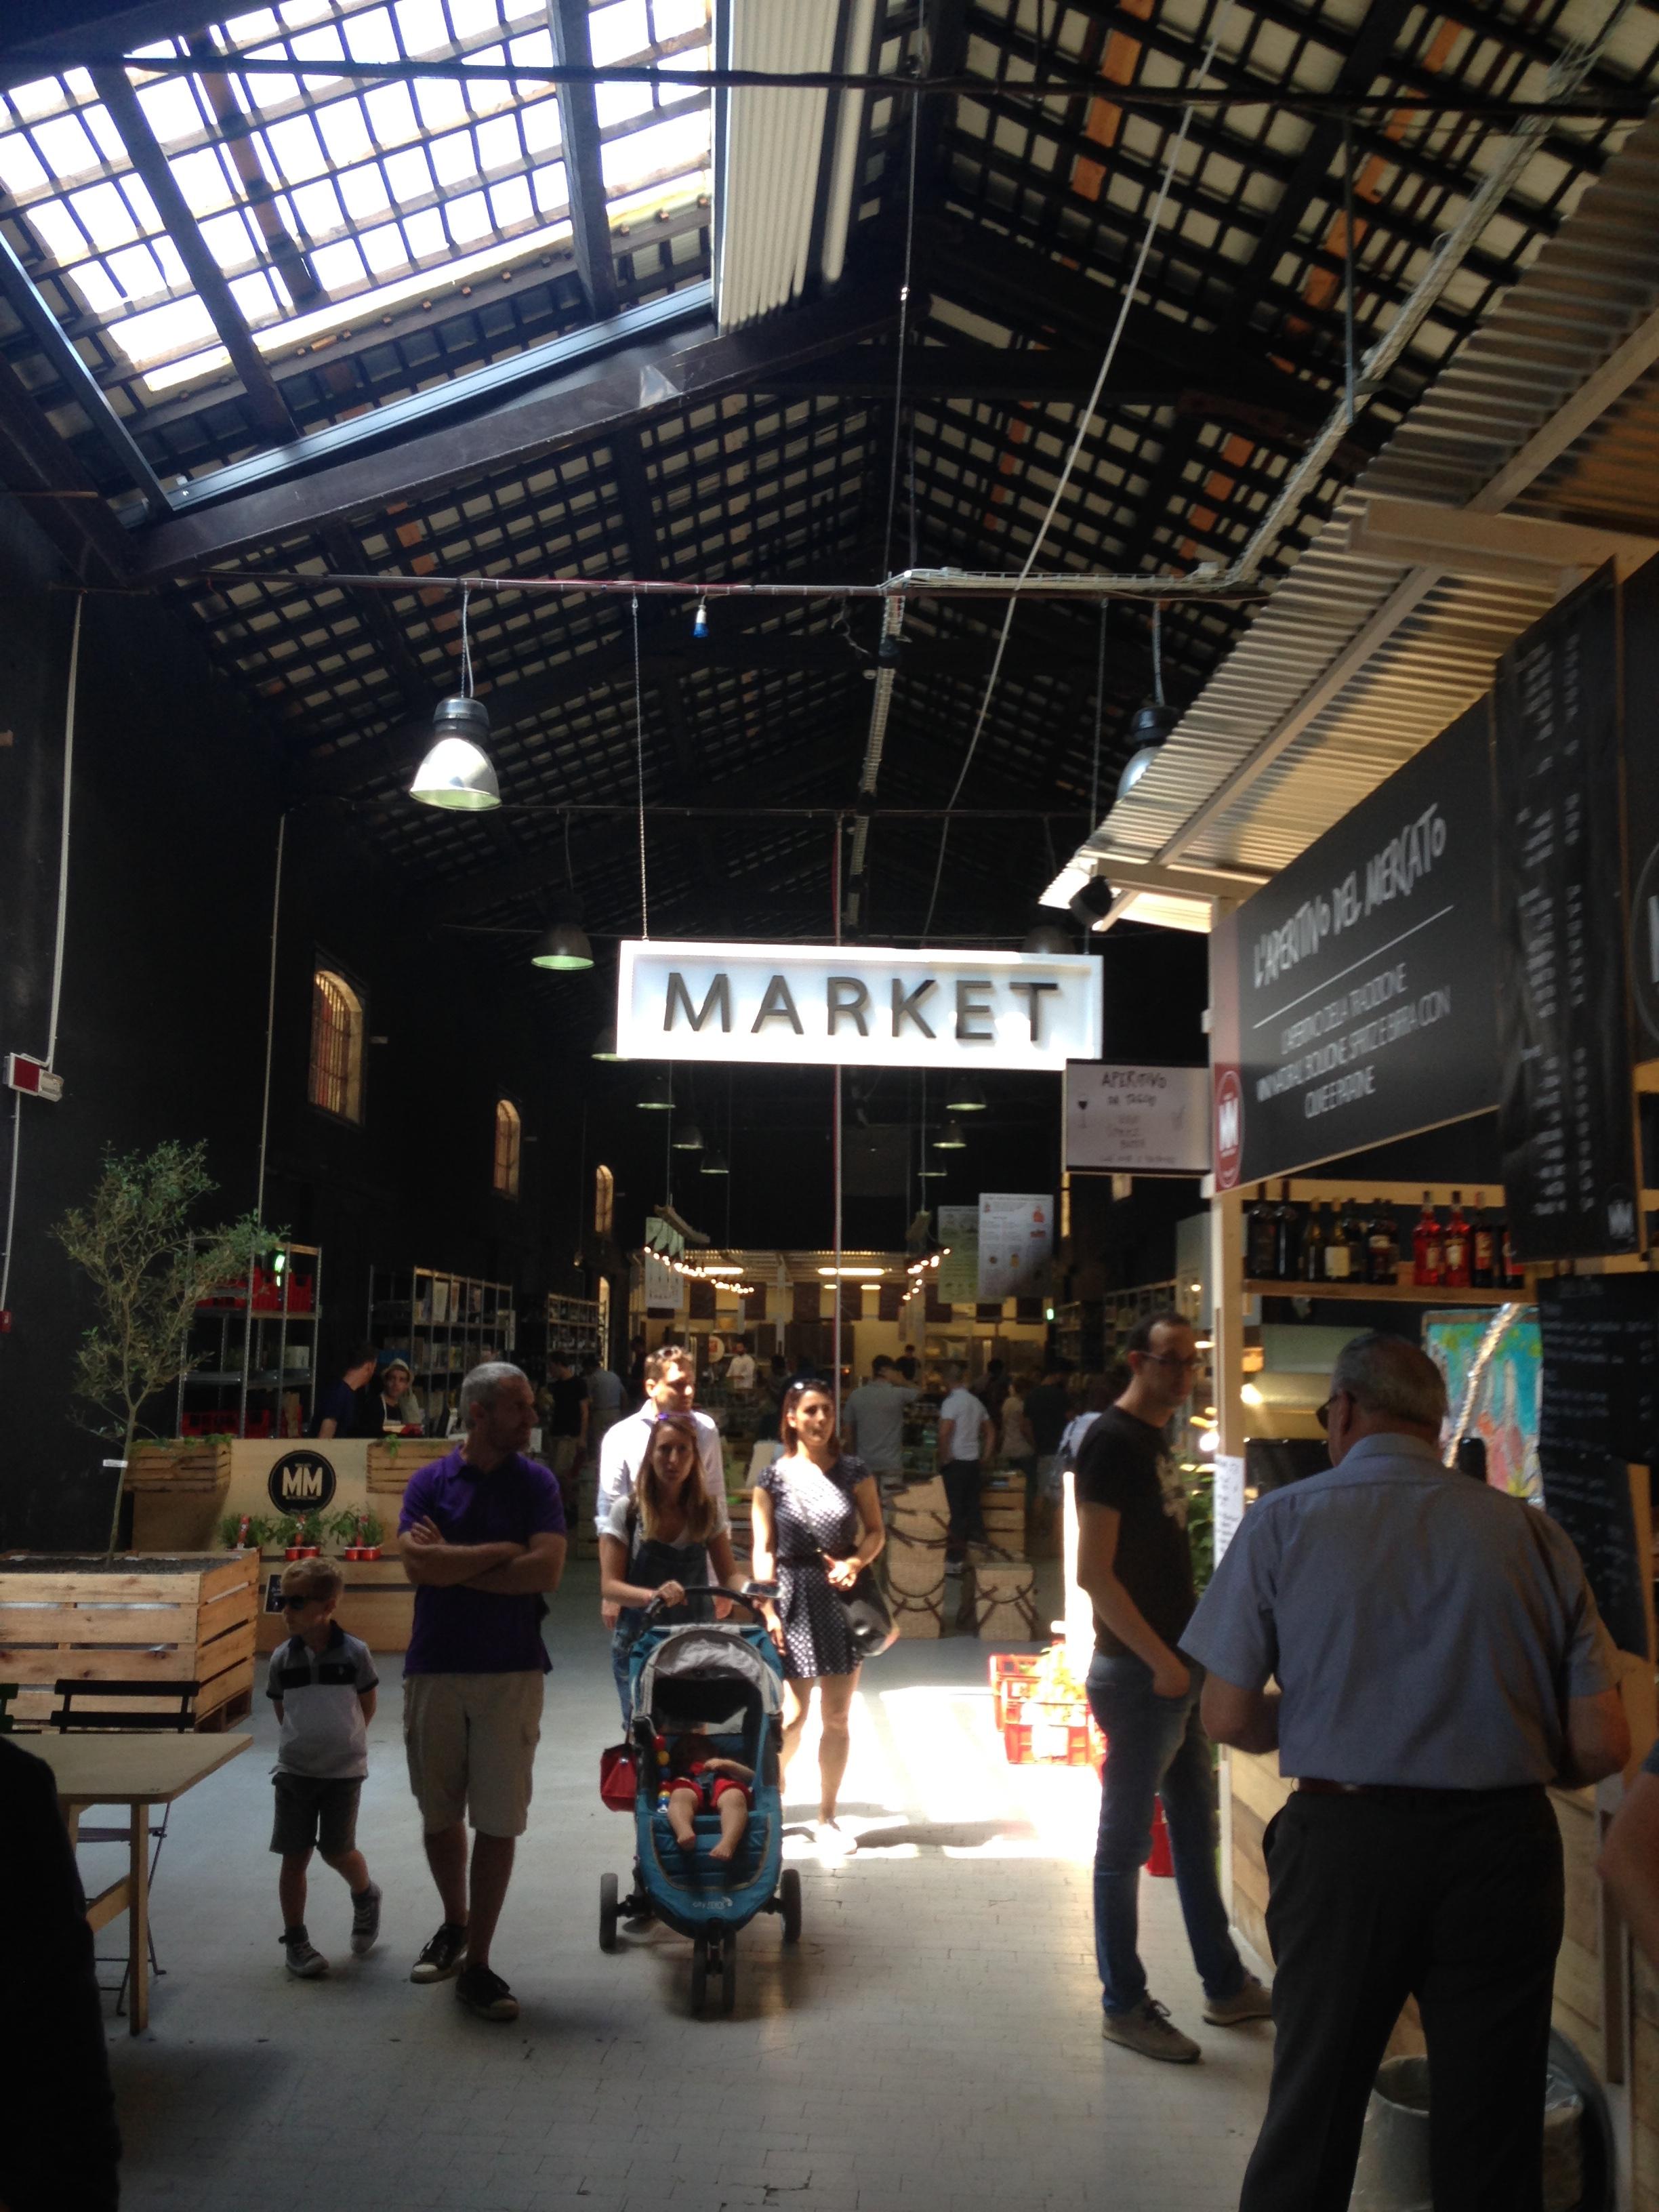 Il mercato all'interno dei magazzini (foto di Robert Ribaudo)